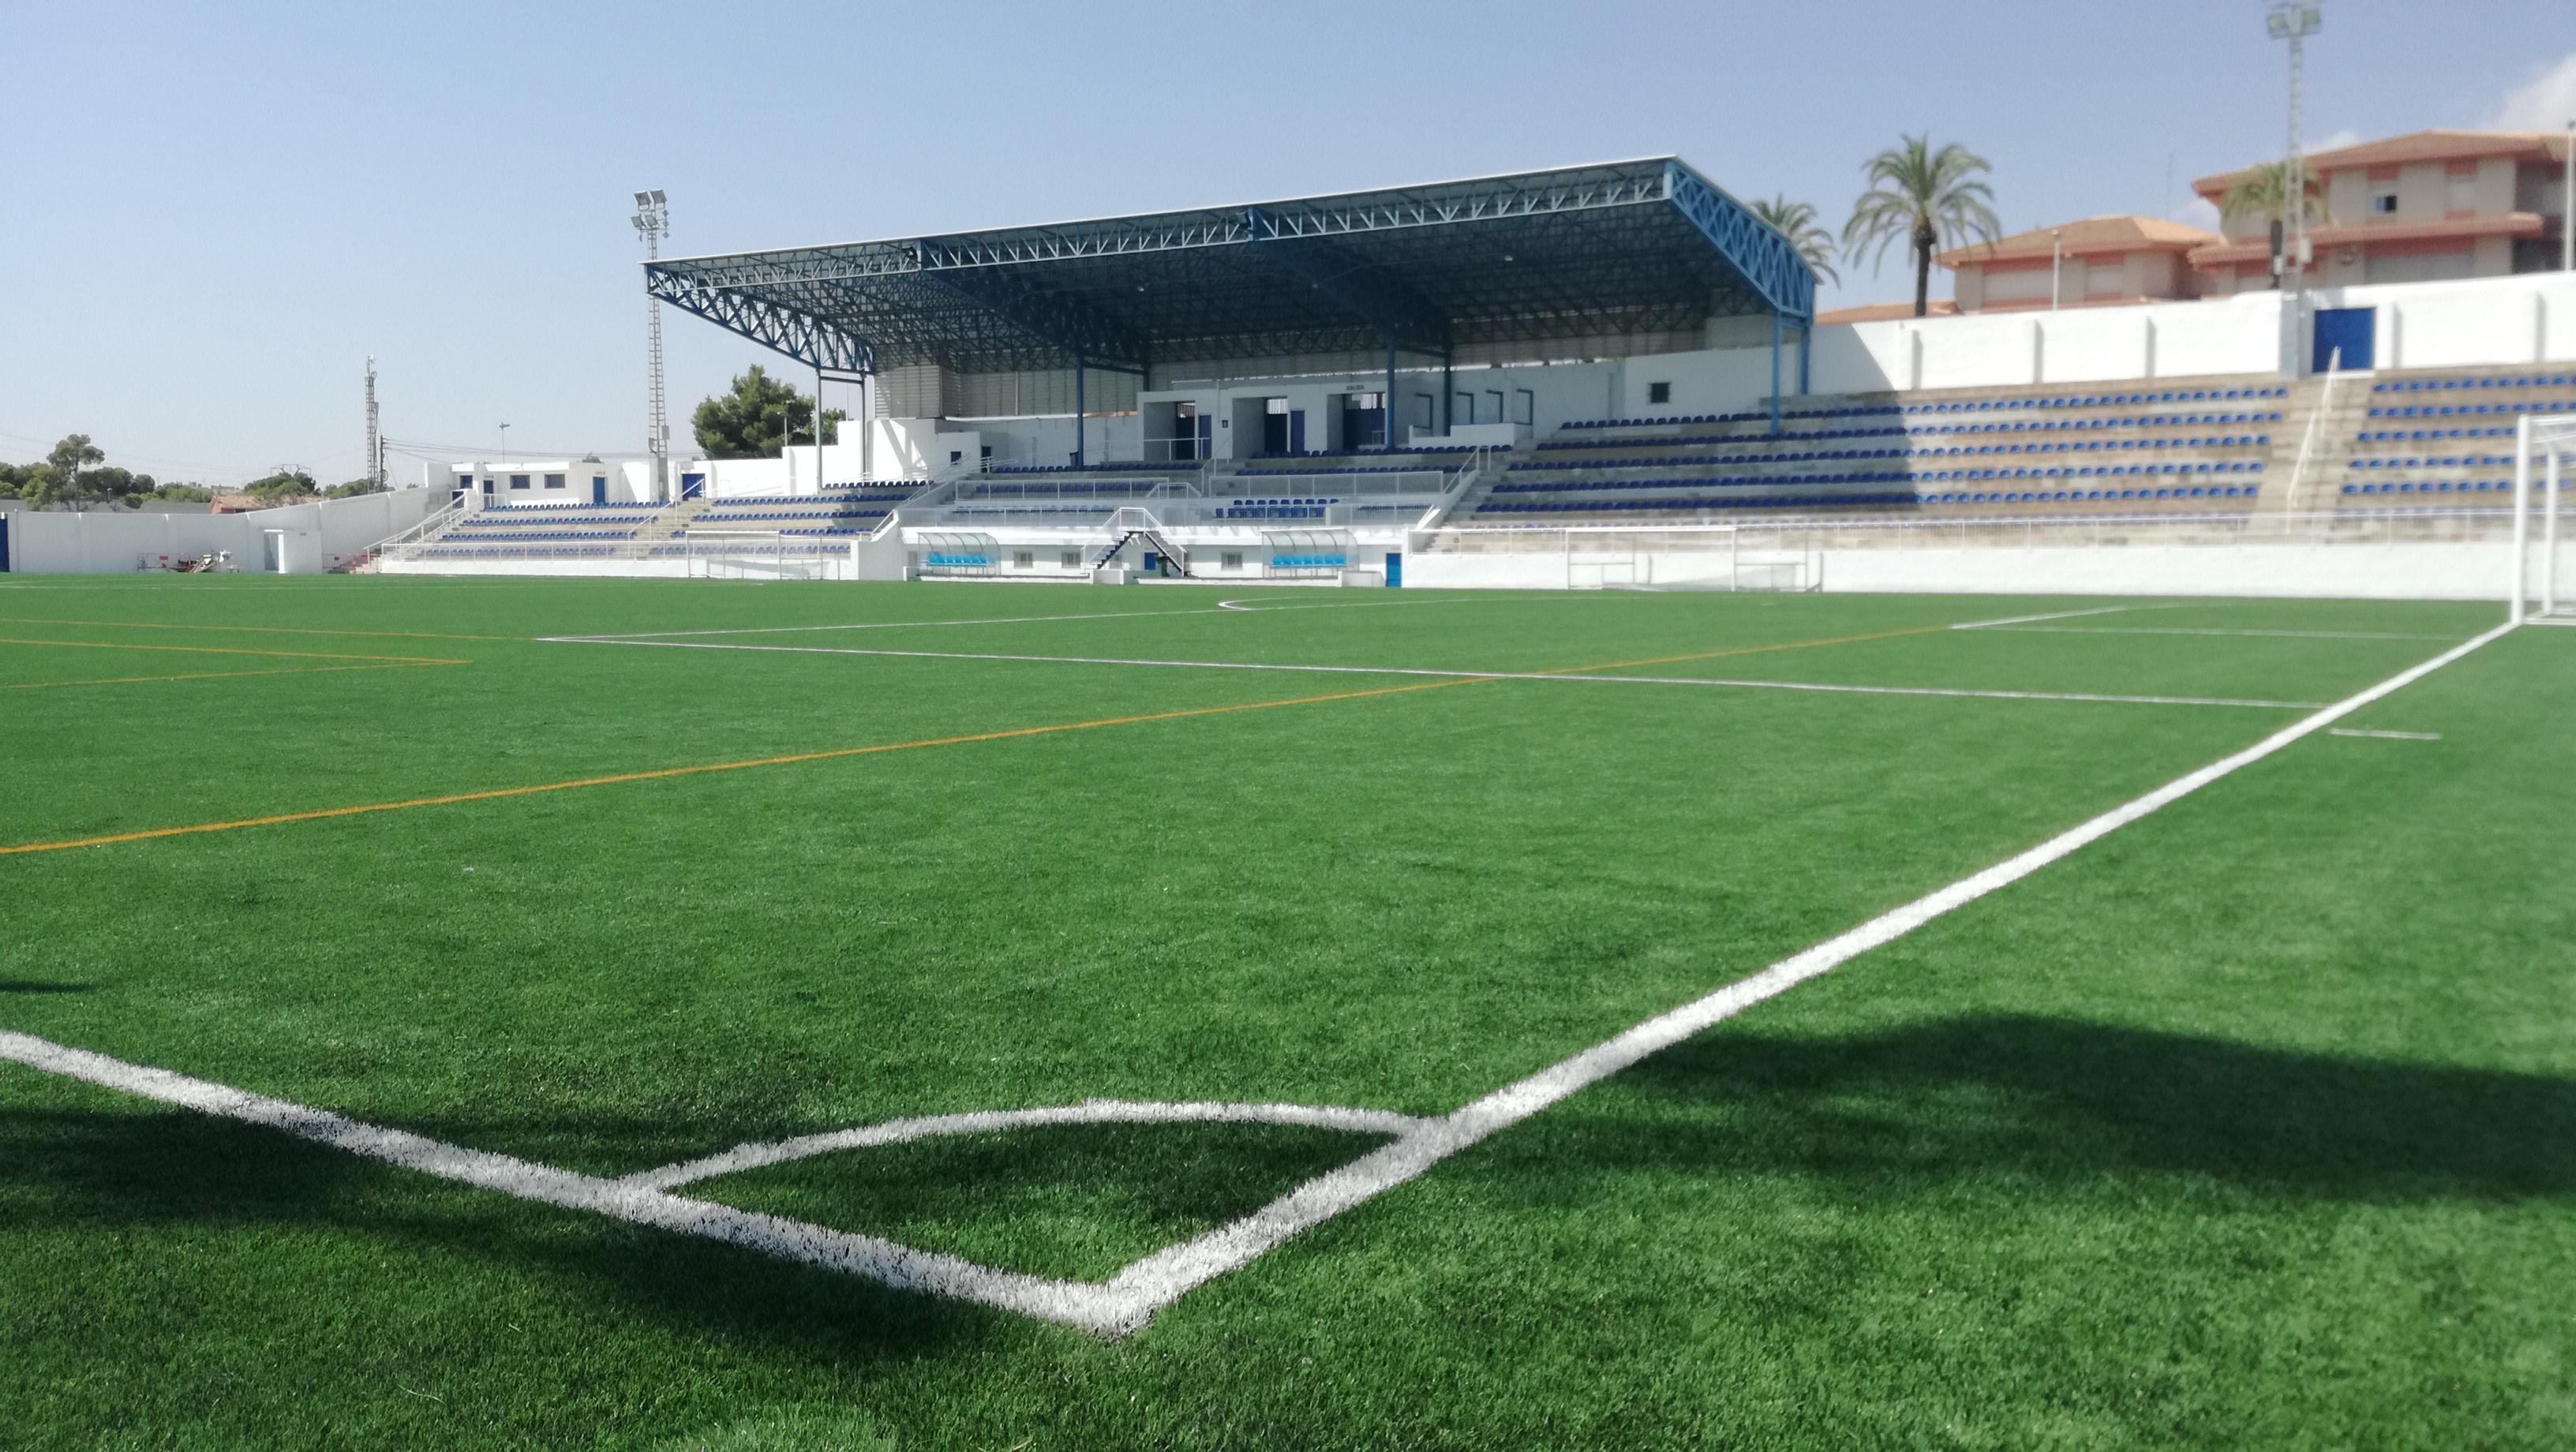 El campo de fútbol Enrique Miralles de Crevillent acaba de estrenar 1.200 asientos Mondoseat.